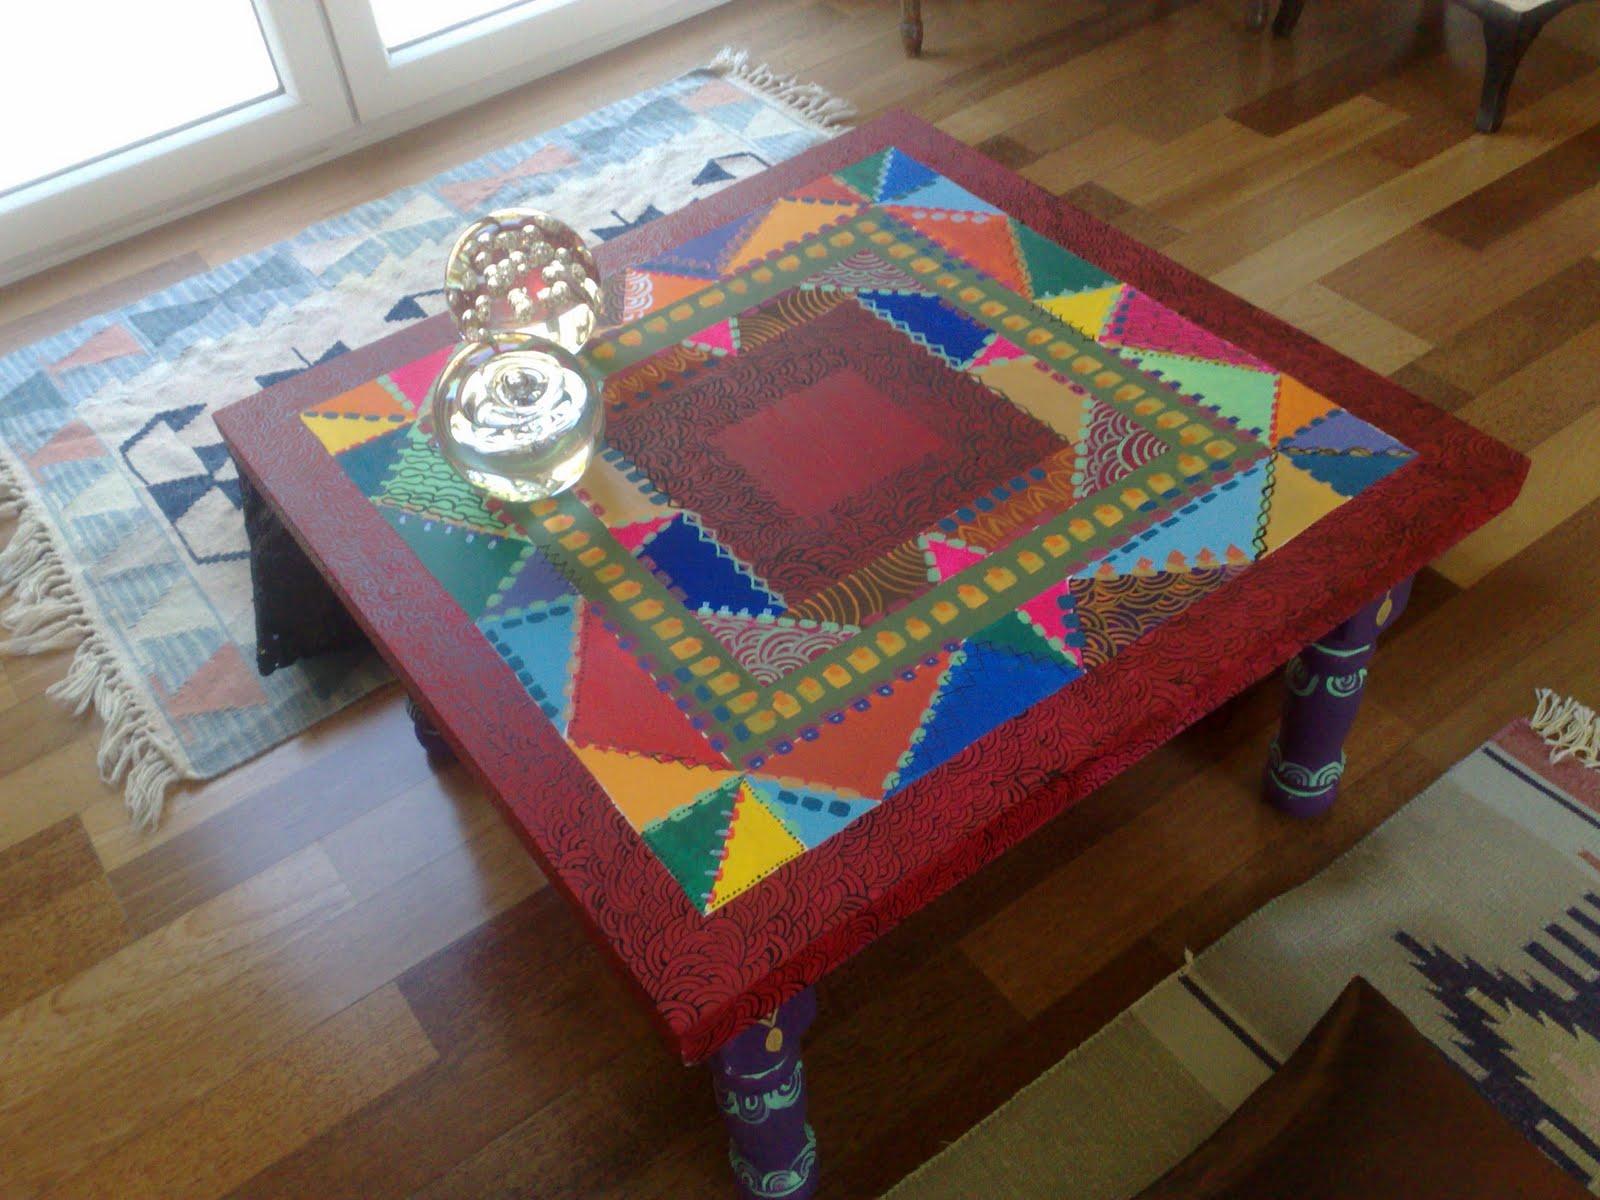 Vintouch muebles reciclados pintados a mano mesa - Muebles pintados a mano fotos ...